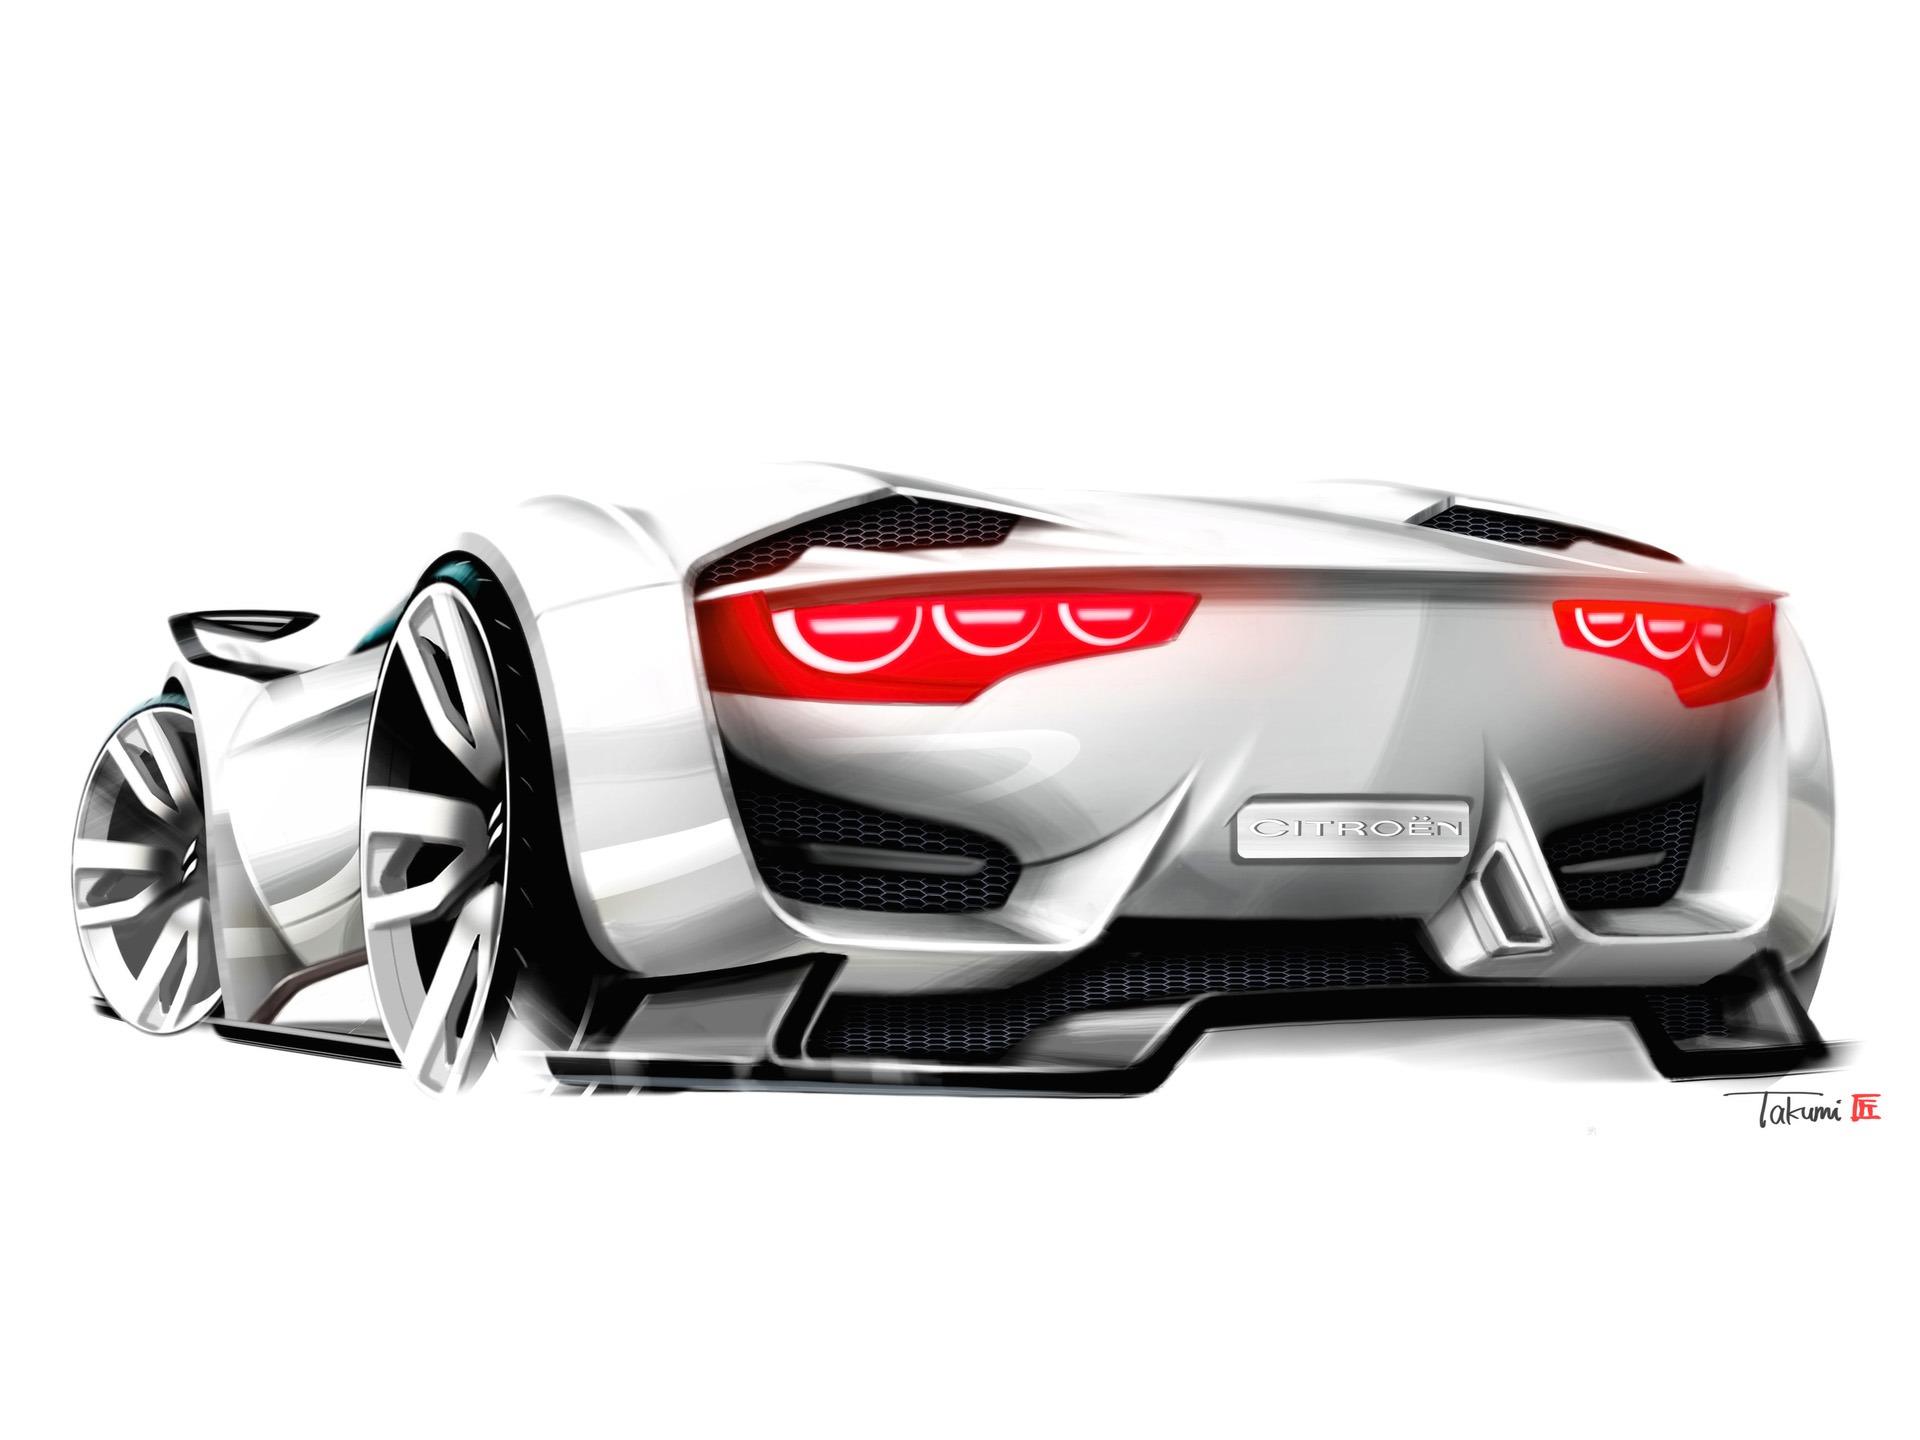 GTbyCitroen Concept Wallpaper Cars Wallpapers